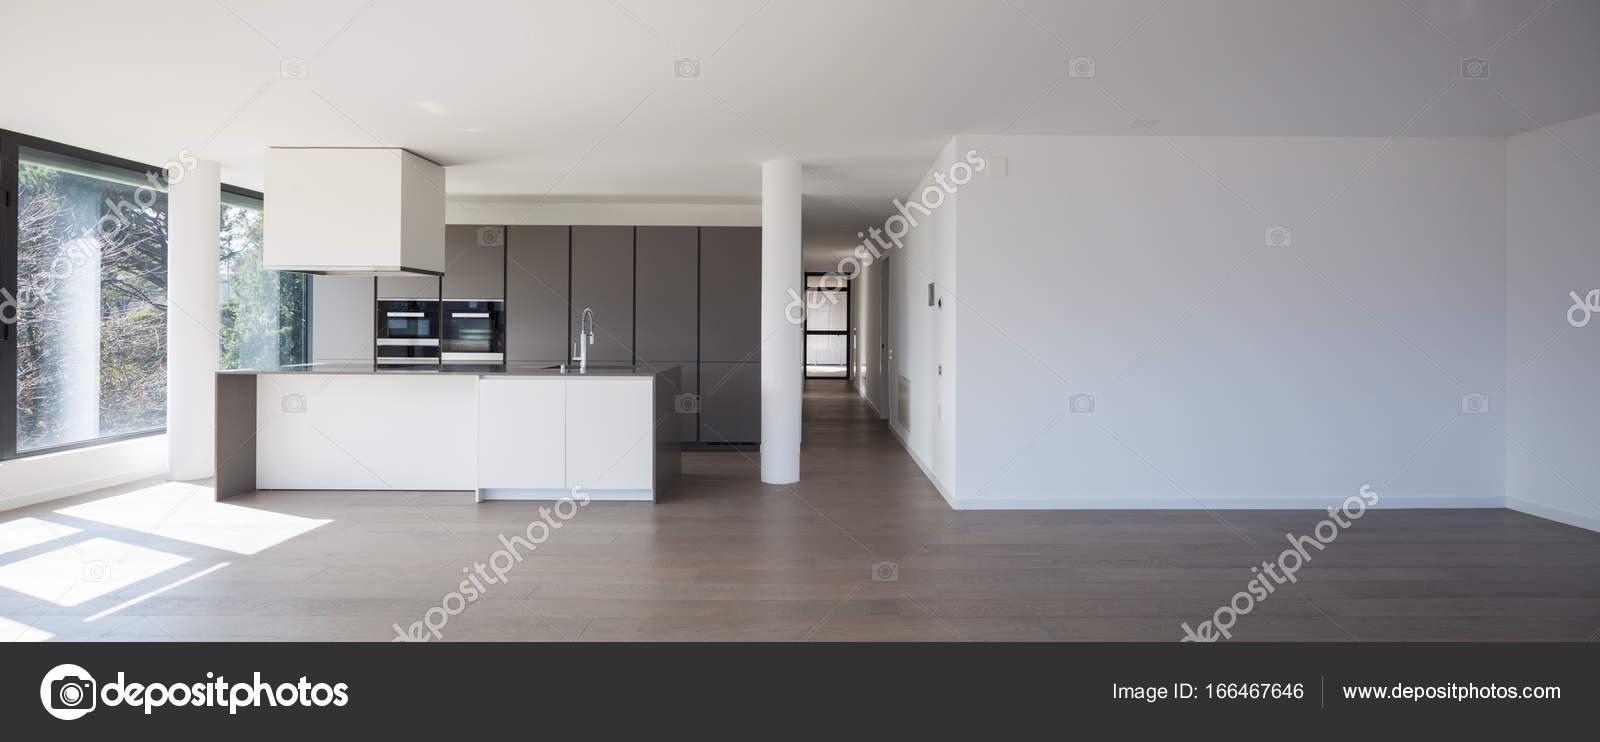 Cozinha Da Ilha Em Uma Ampla Sala Stock Photo Zveiger 166467646